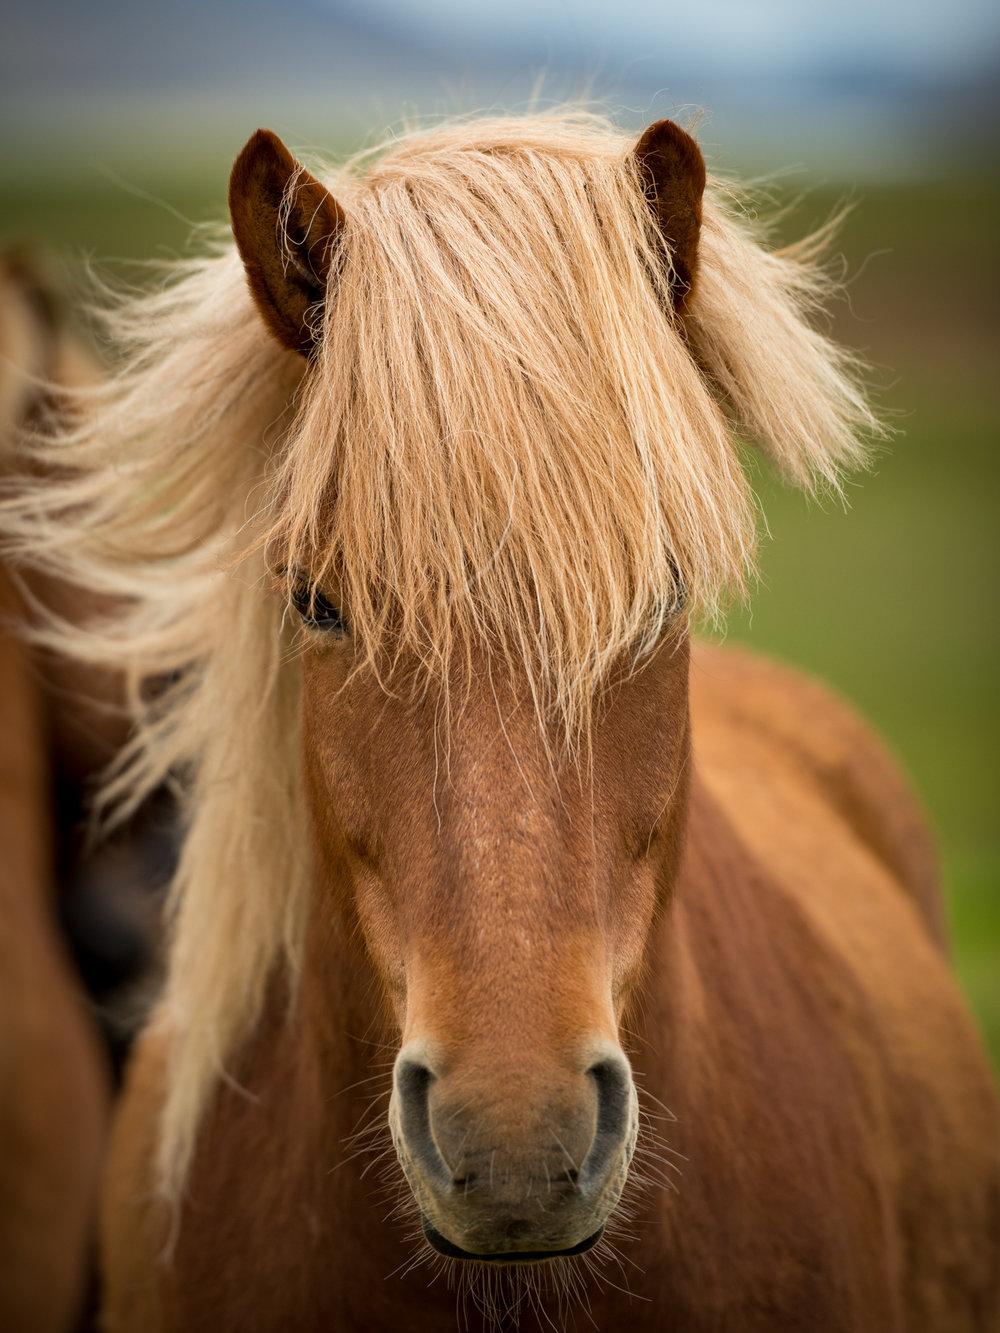 Horse_2_NoBorder.jpg